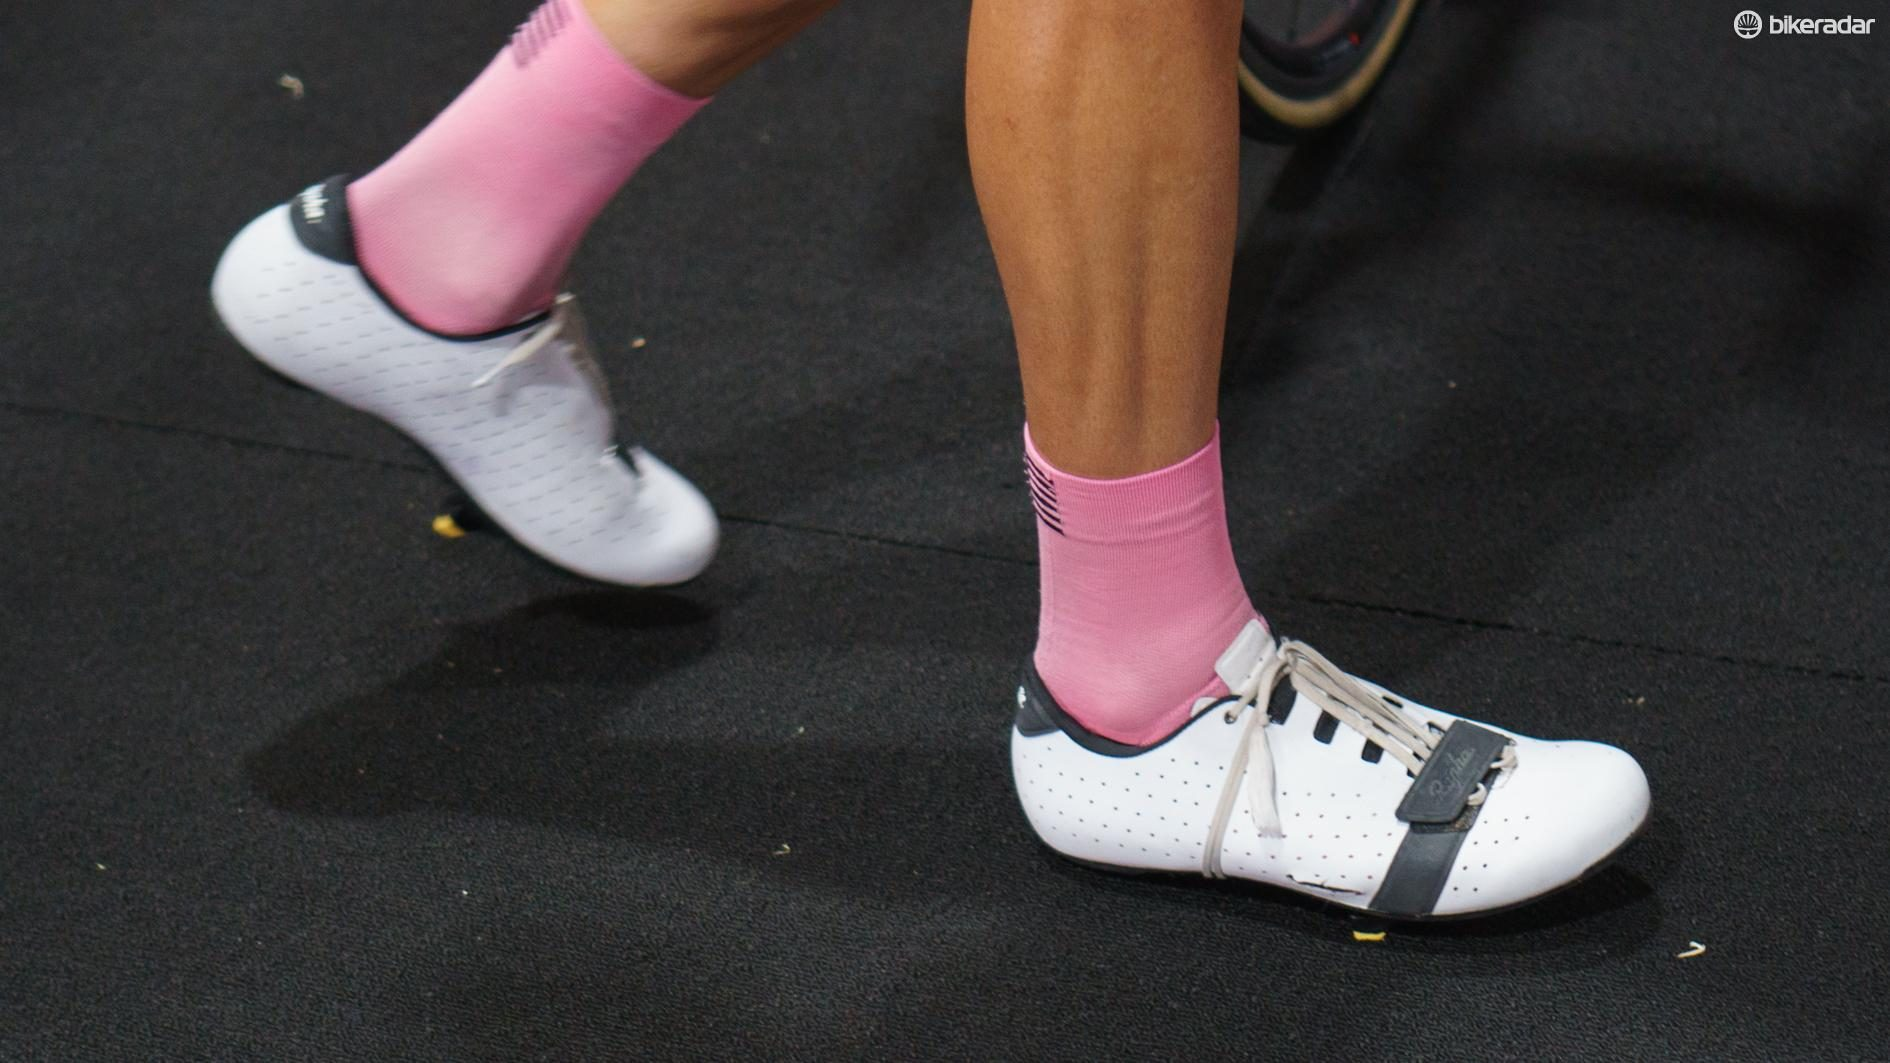 New Rapha lace up road shoes - BikeRadar